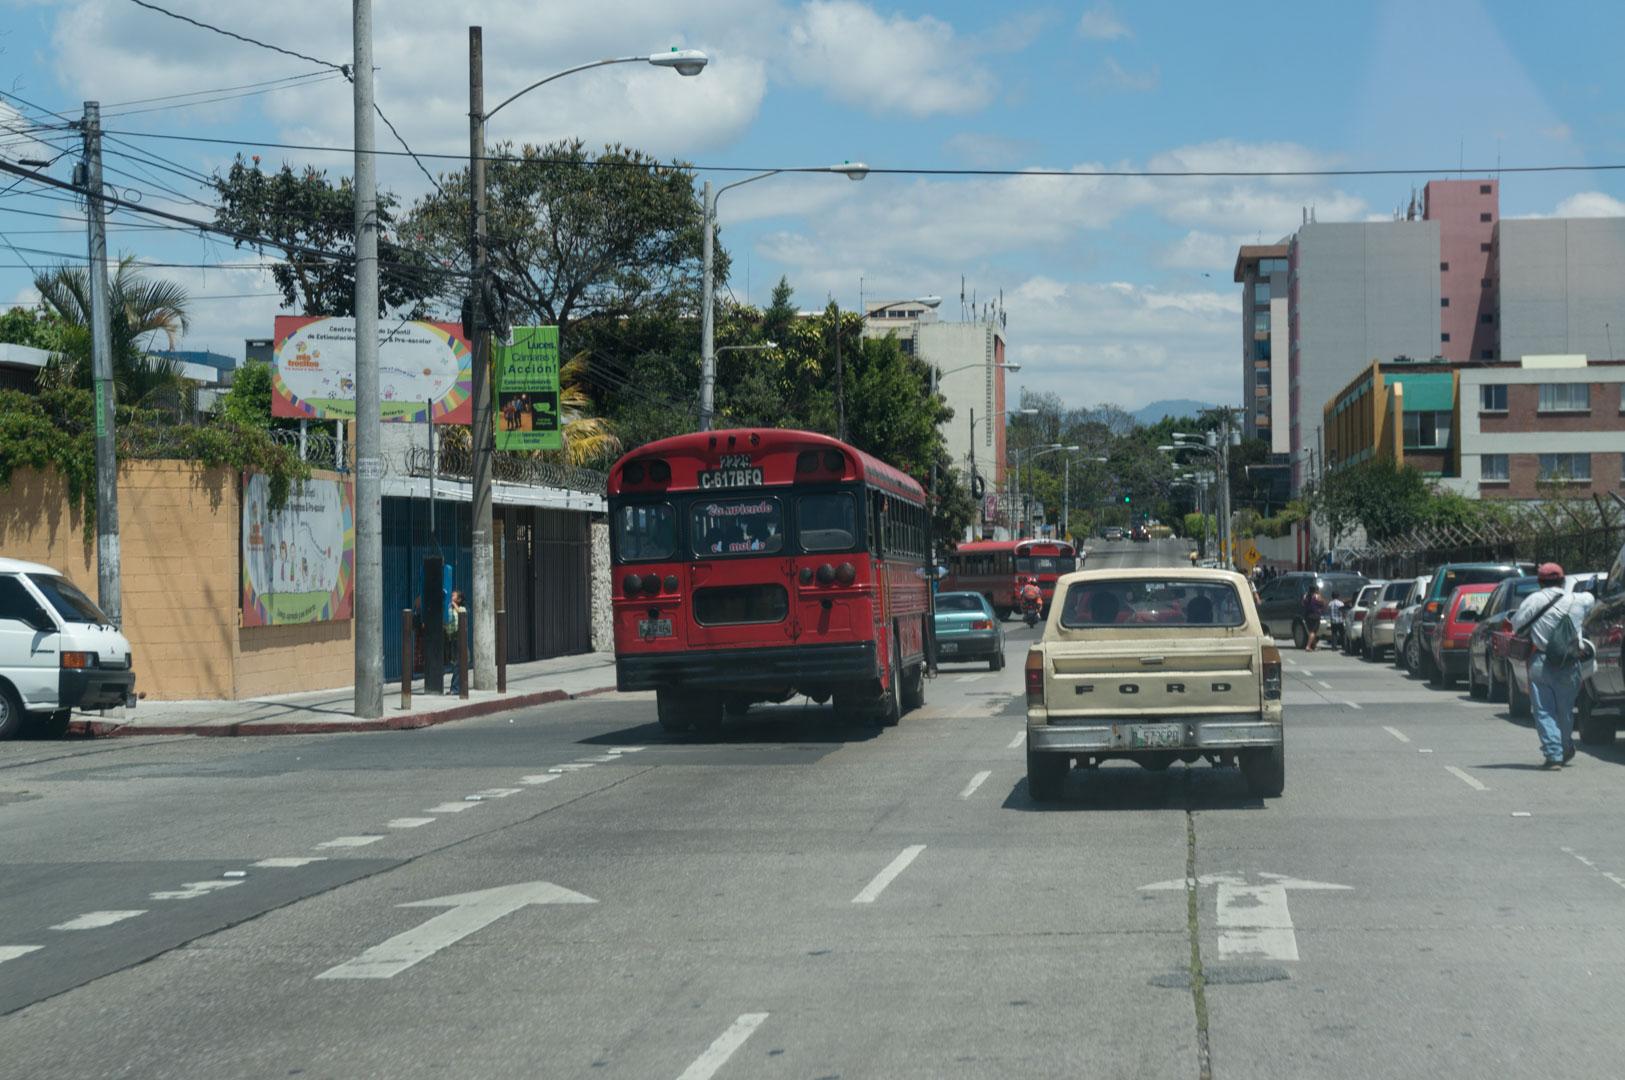 Die Amerikaner haben ihre alten stinkenden Schulbusse an Guatemala weiter gegeben. Sehr nett, oder?